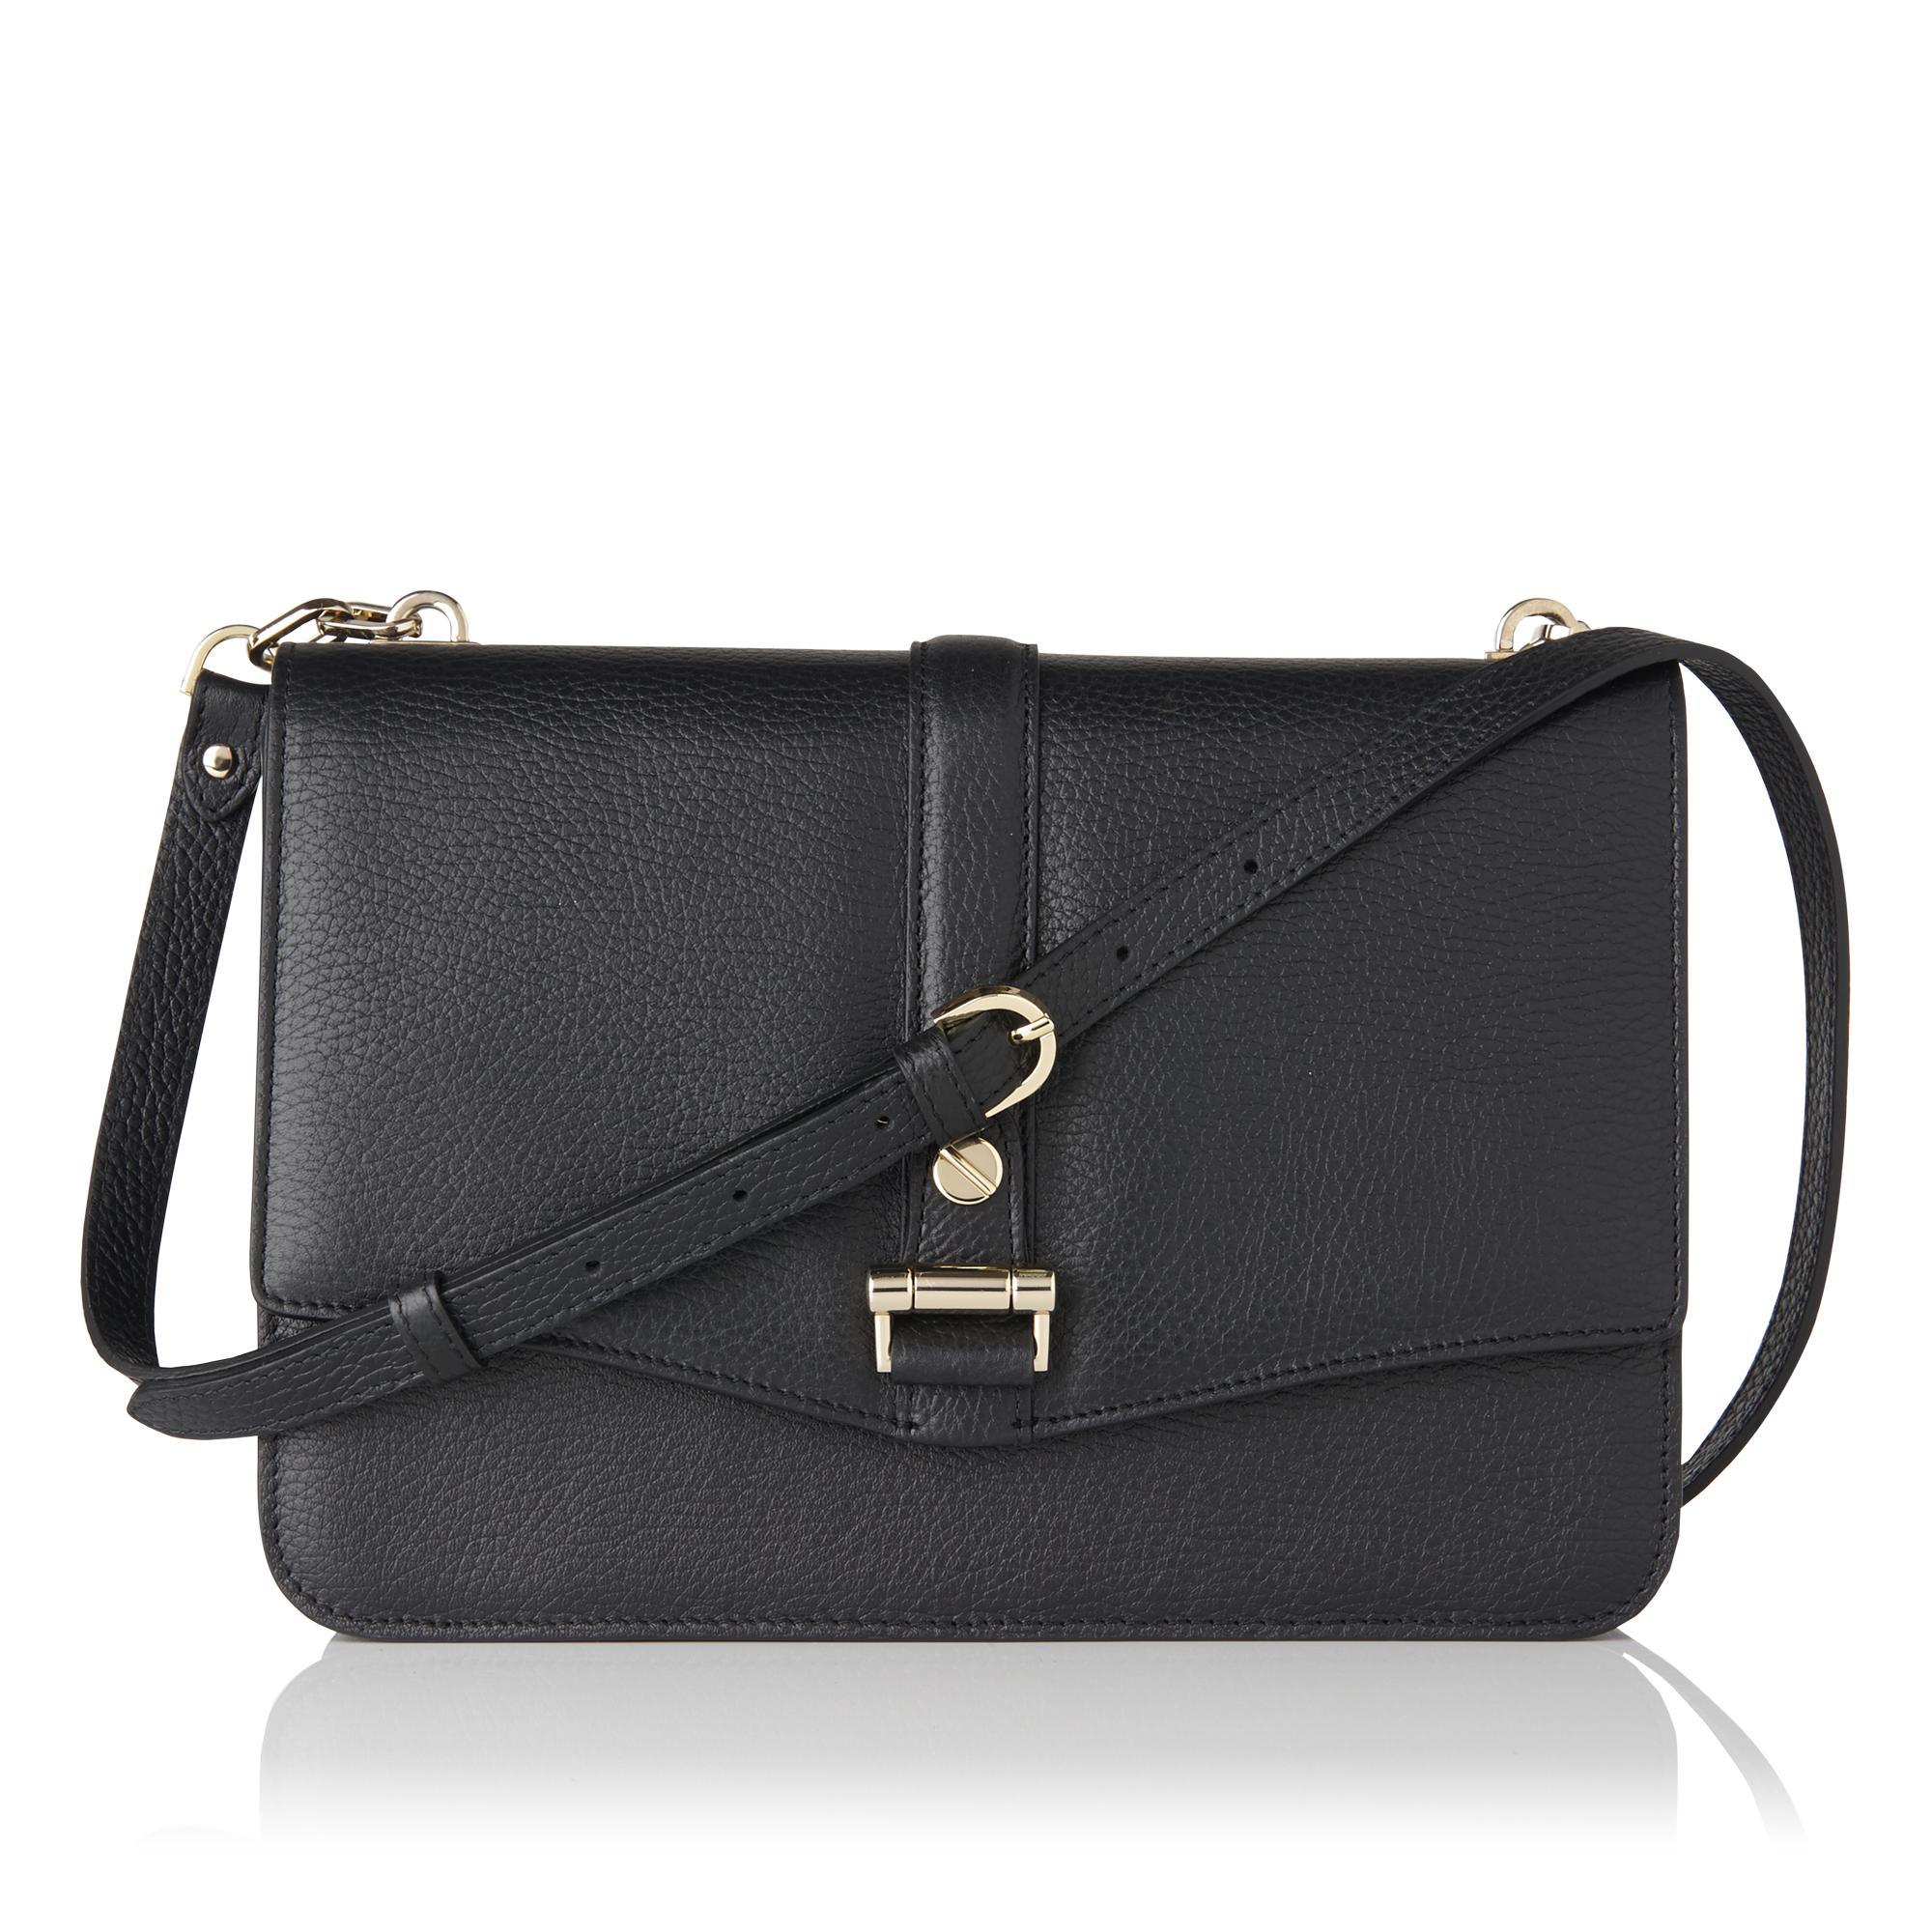 Belle Black Leather Shoulder Bag